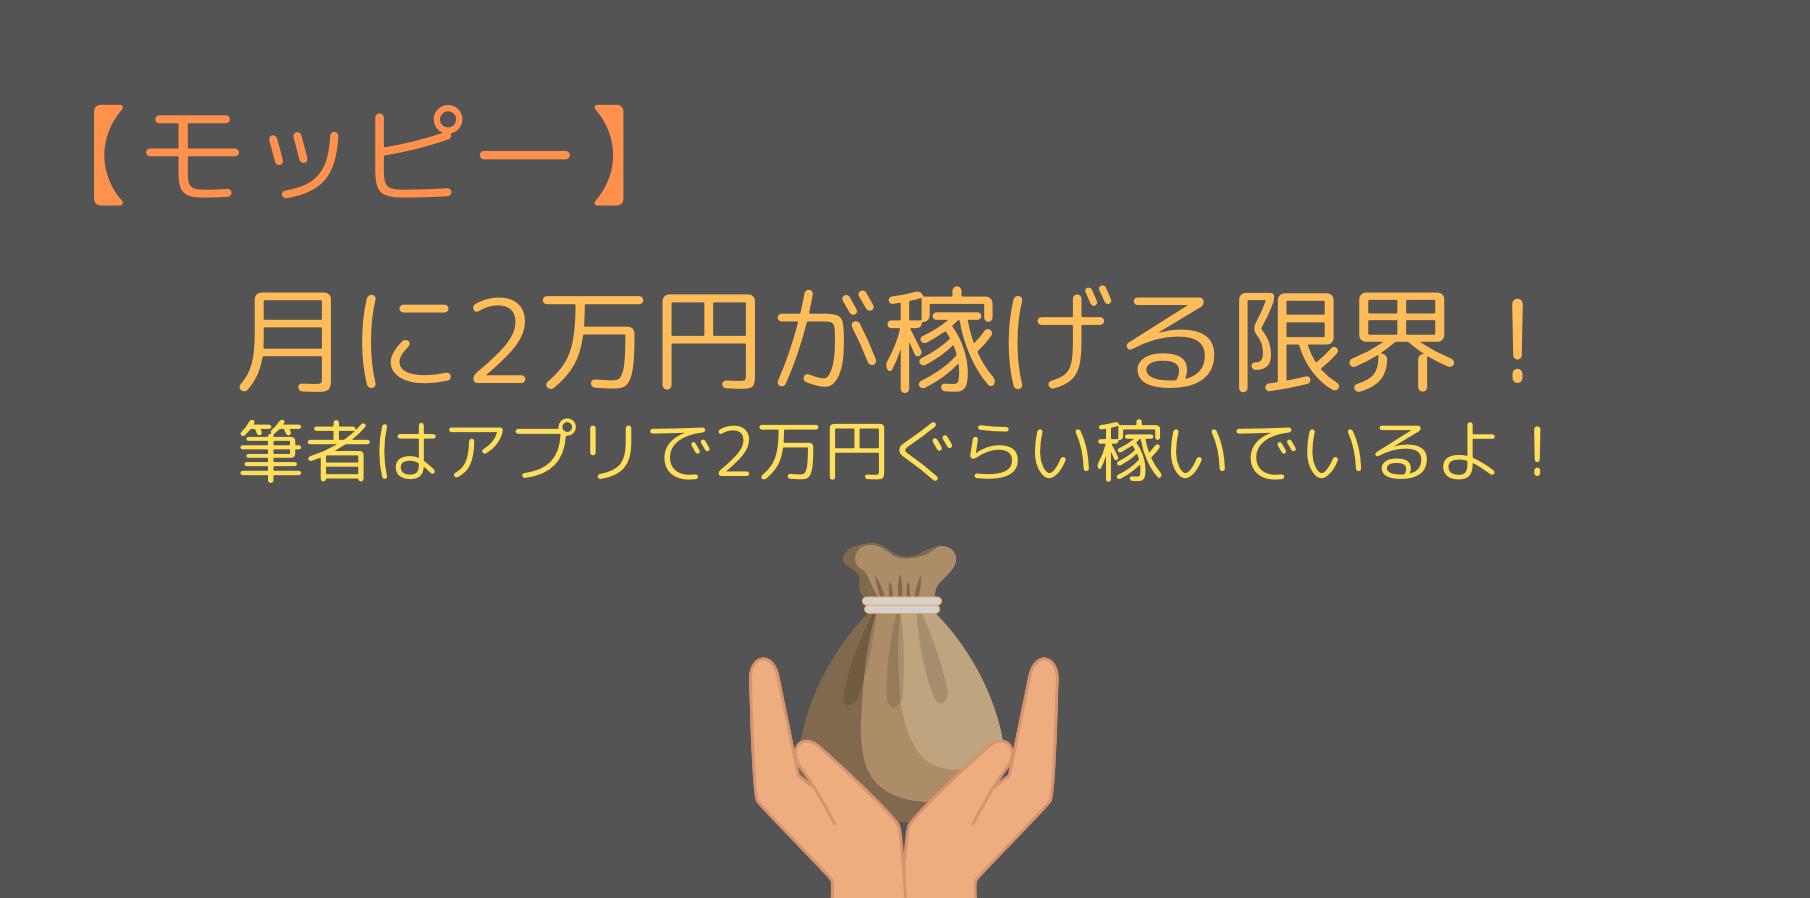 月に2万円稼いでみるには?